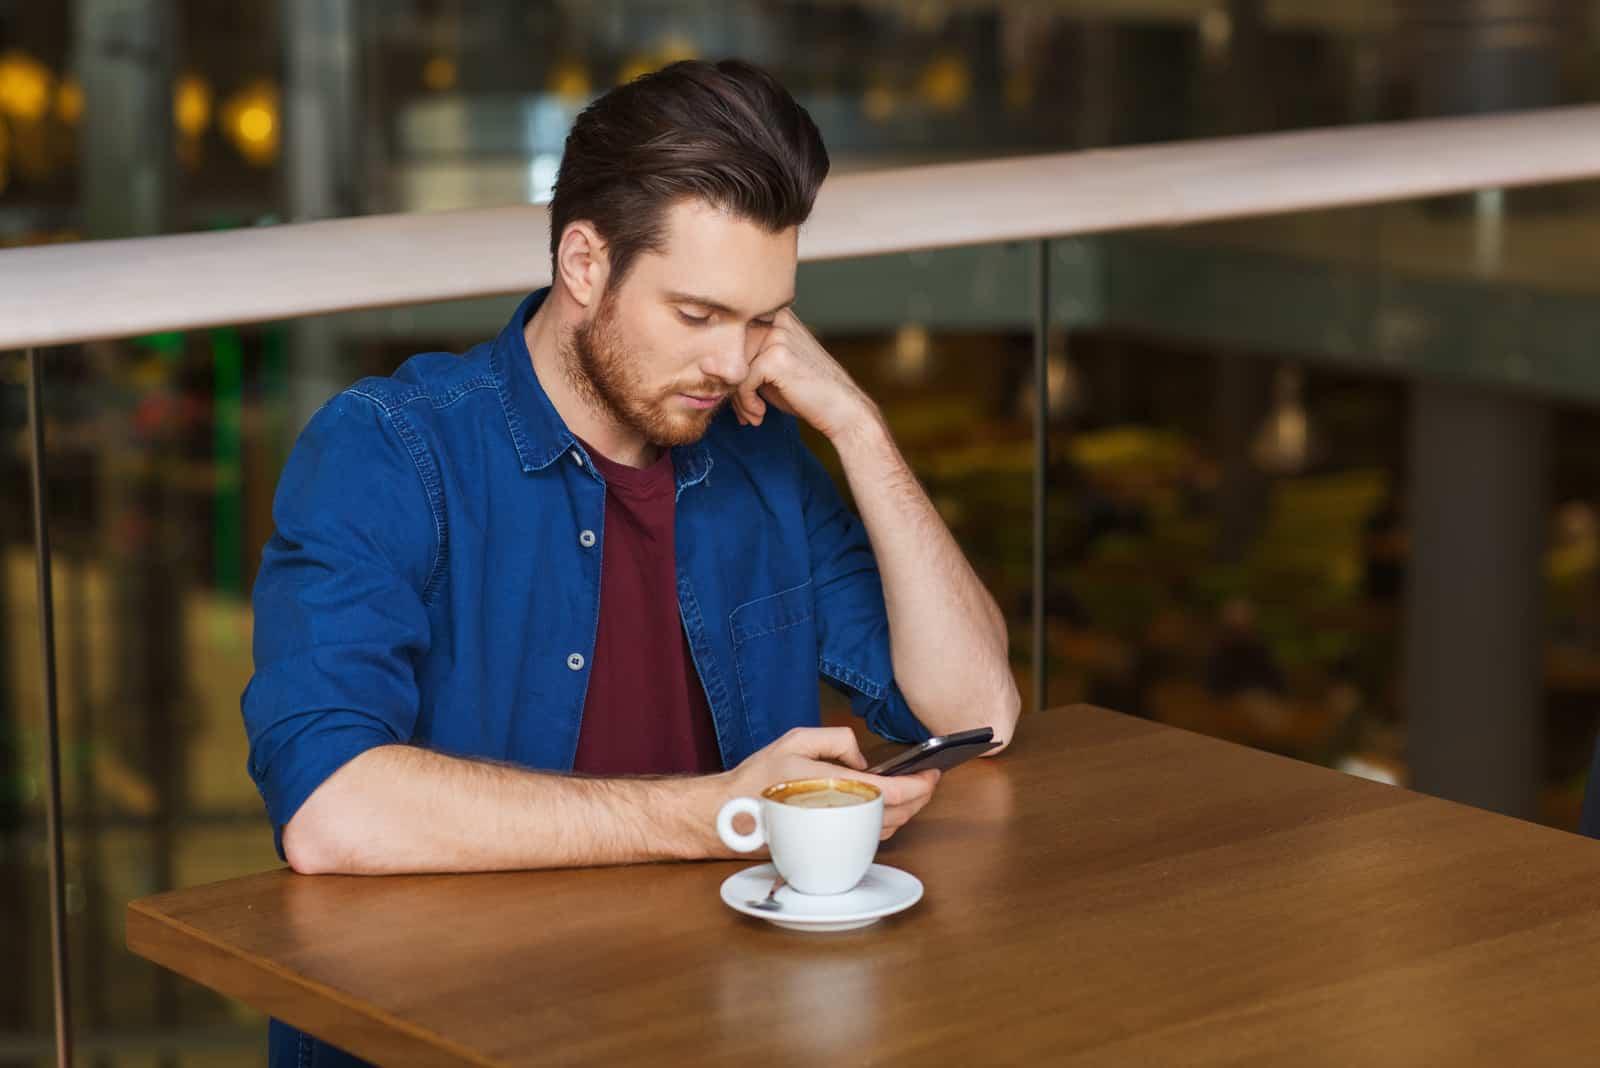 Un homme déçu assis dans un restaurant de boire du café et d'appuyer sur un téléphone